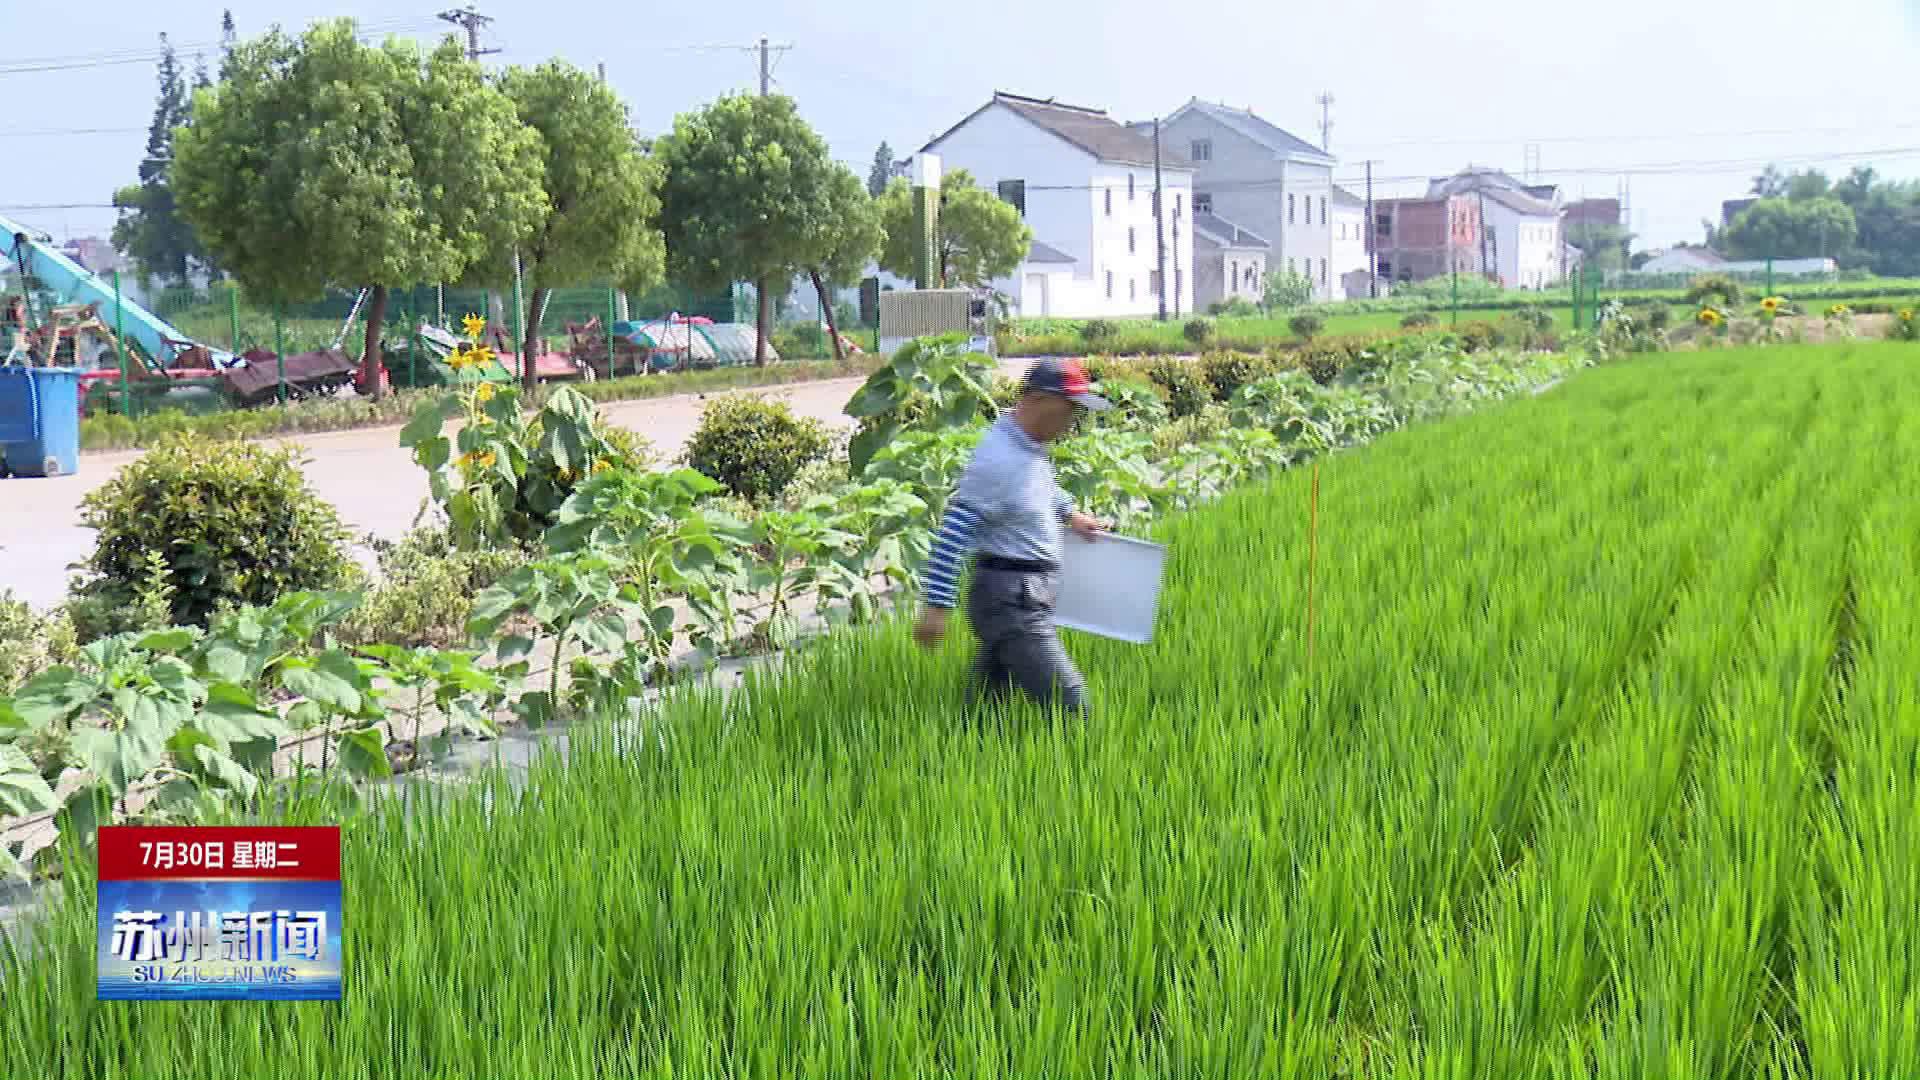 太仓璜泾镇入围2019年全国农业产业强镇建设名单